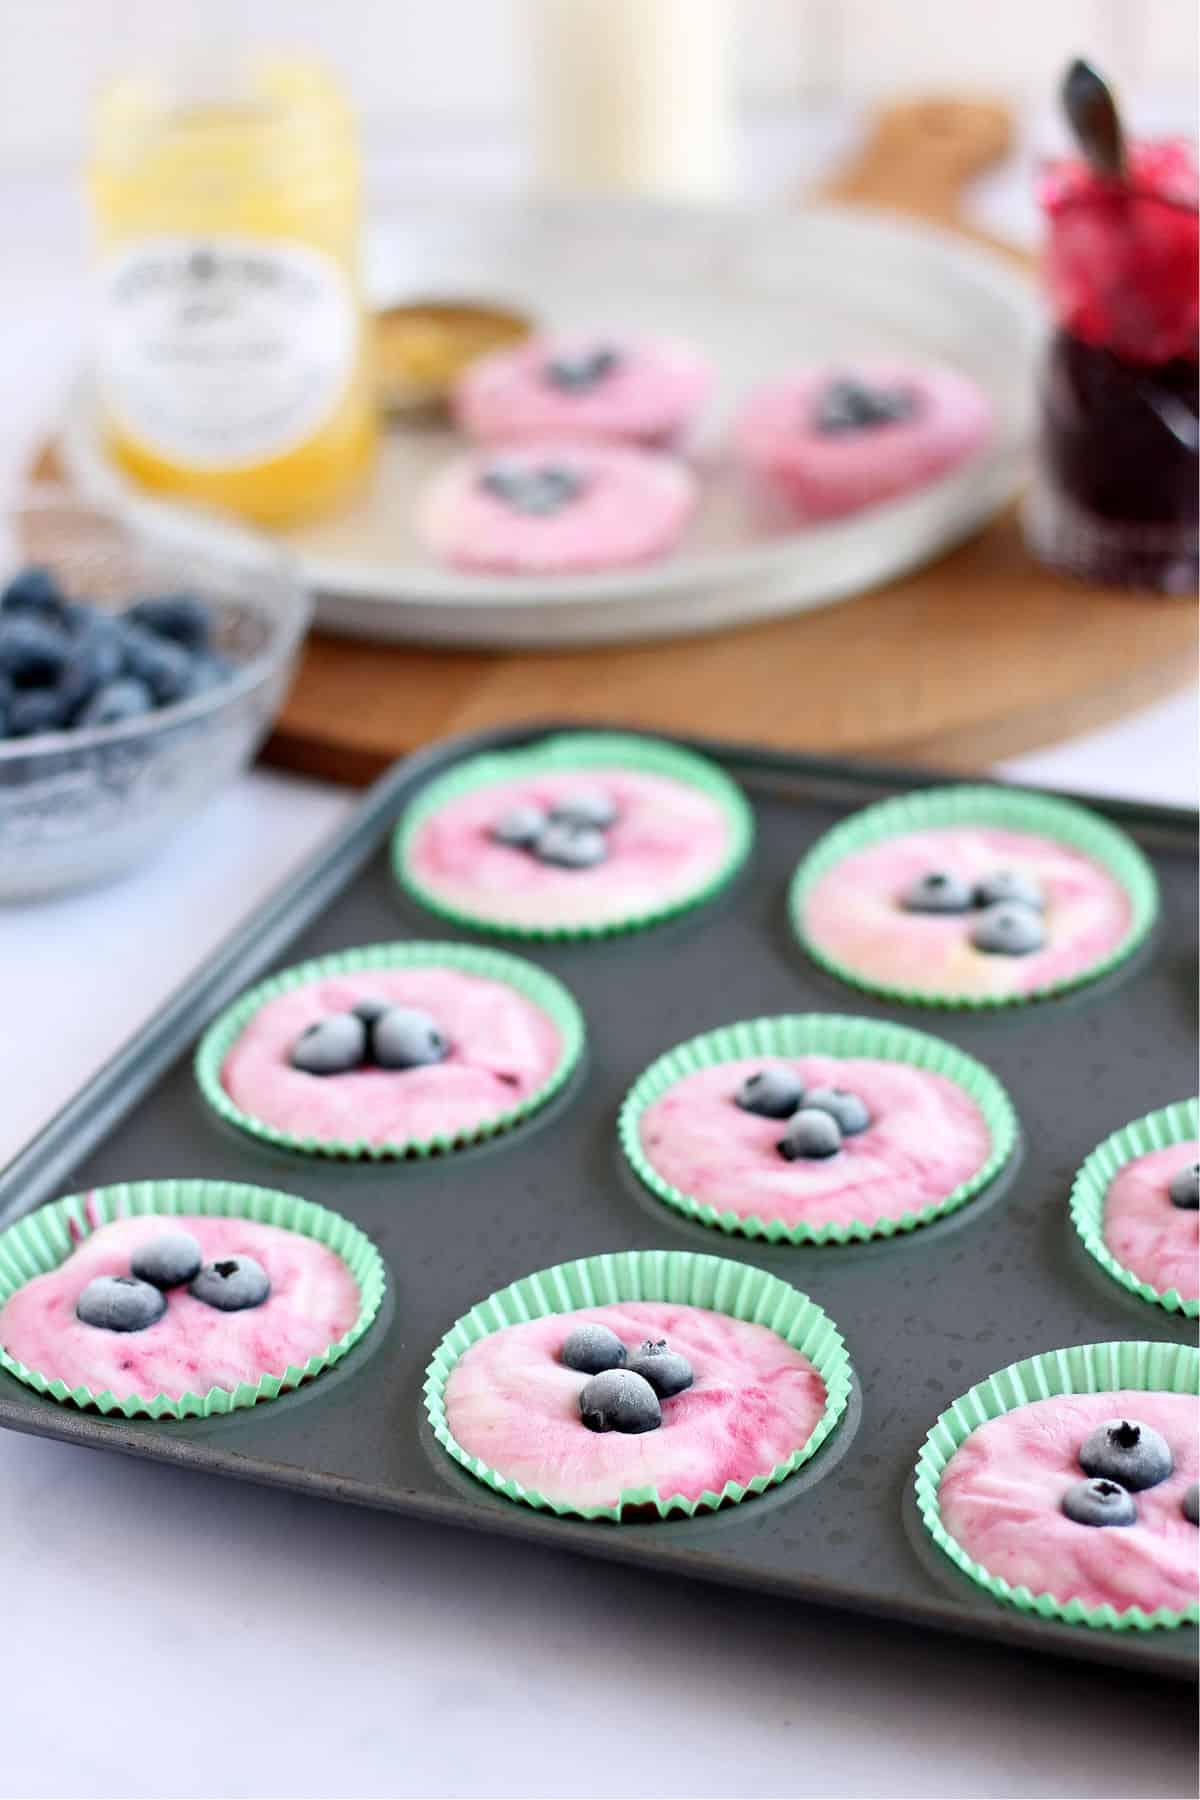 Frozen yogurt bites in cupcake cases.